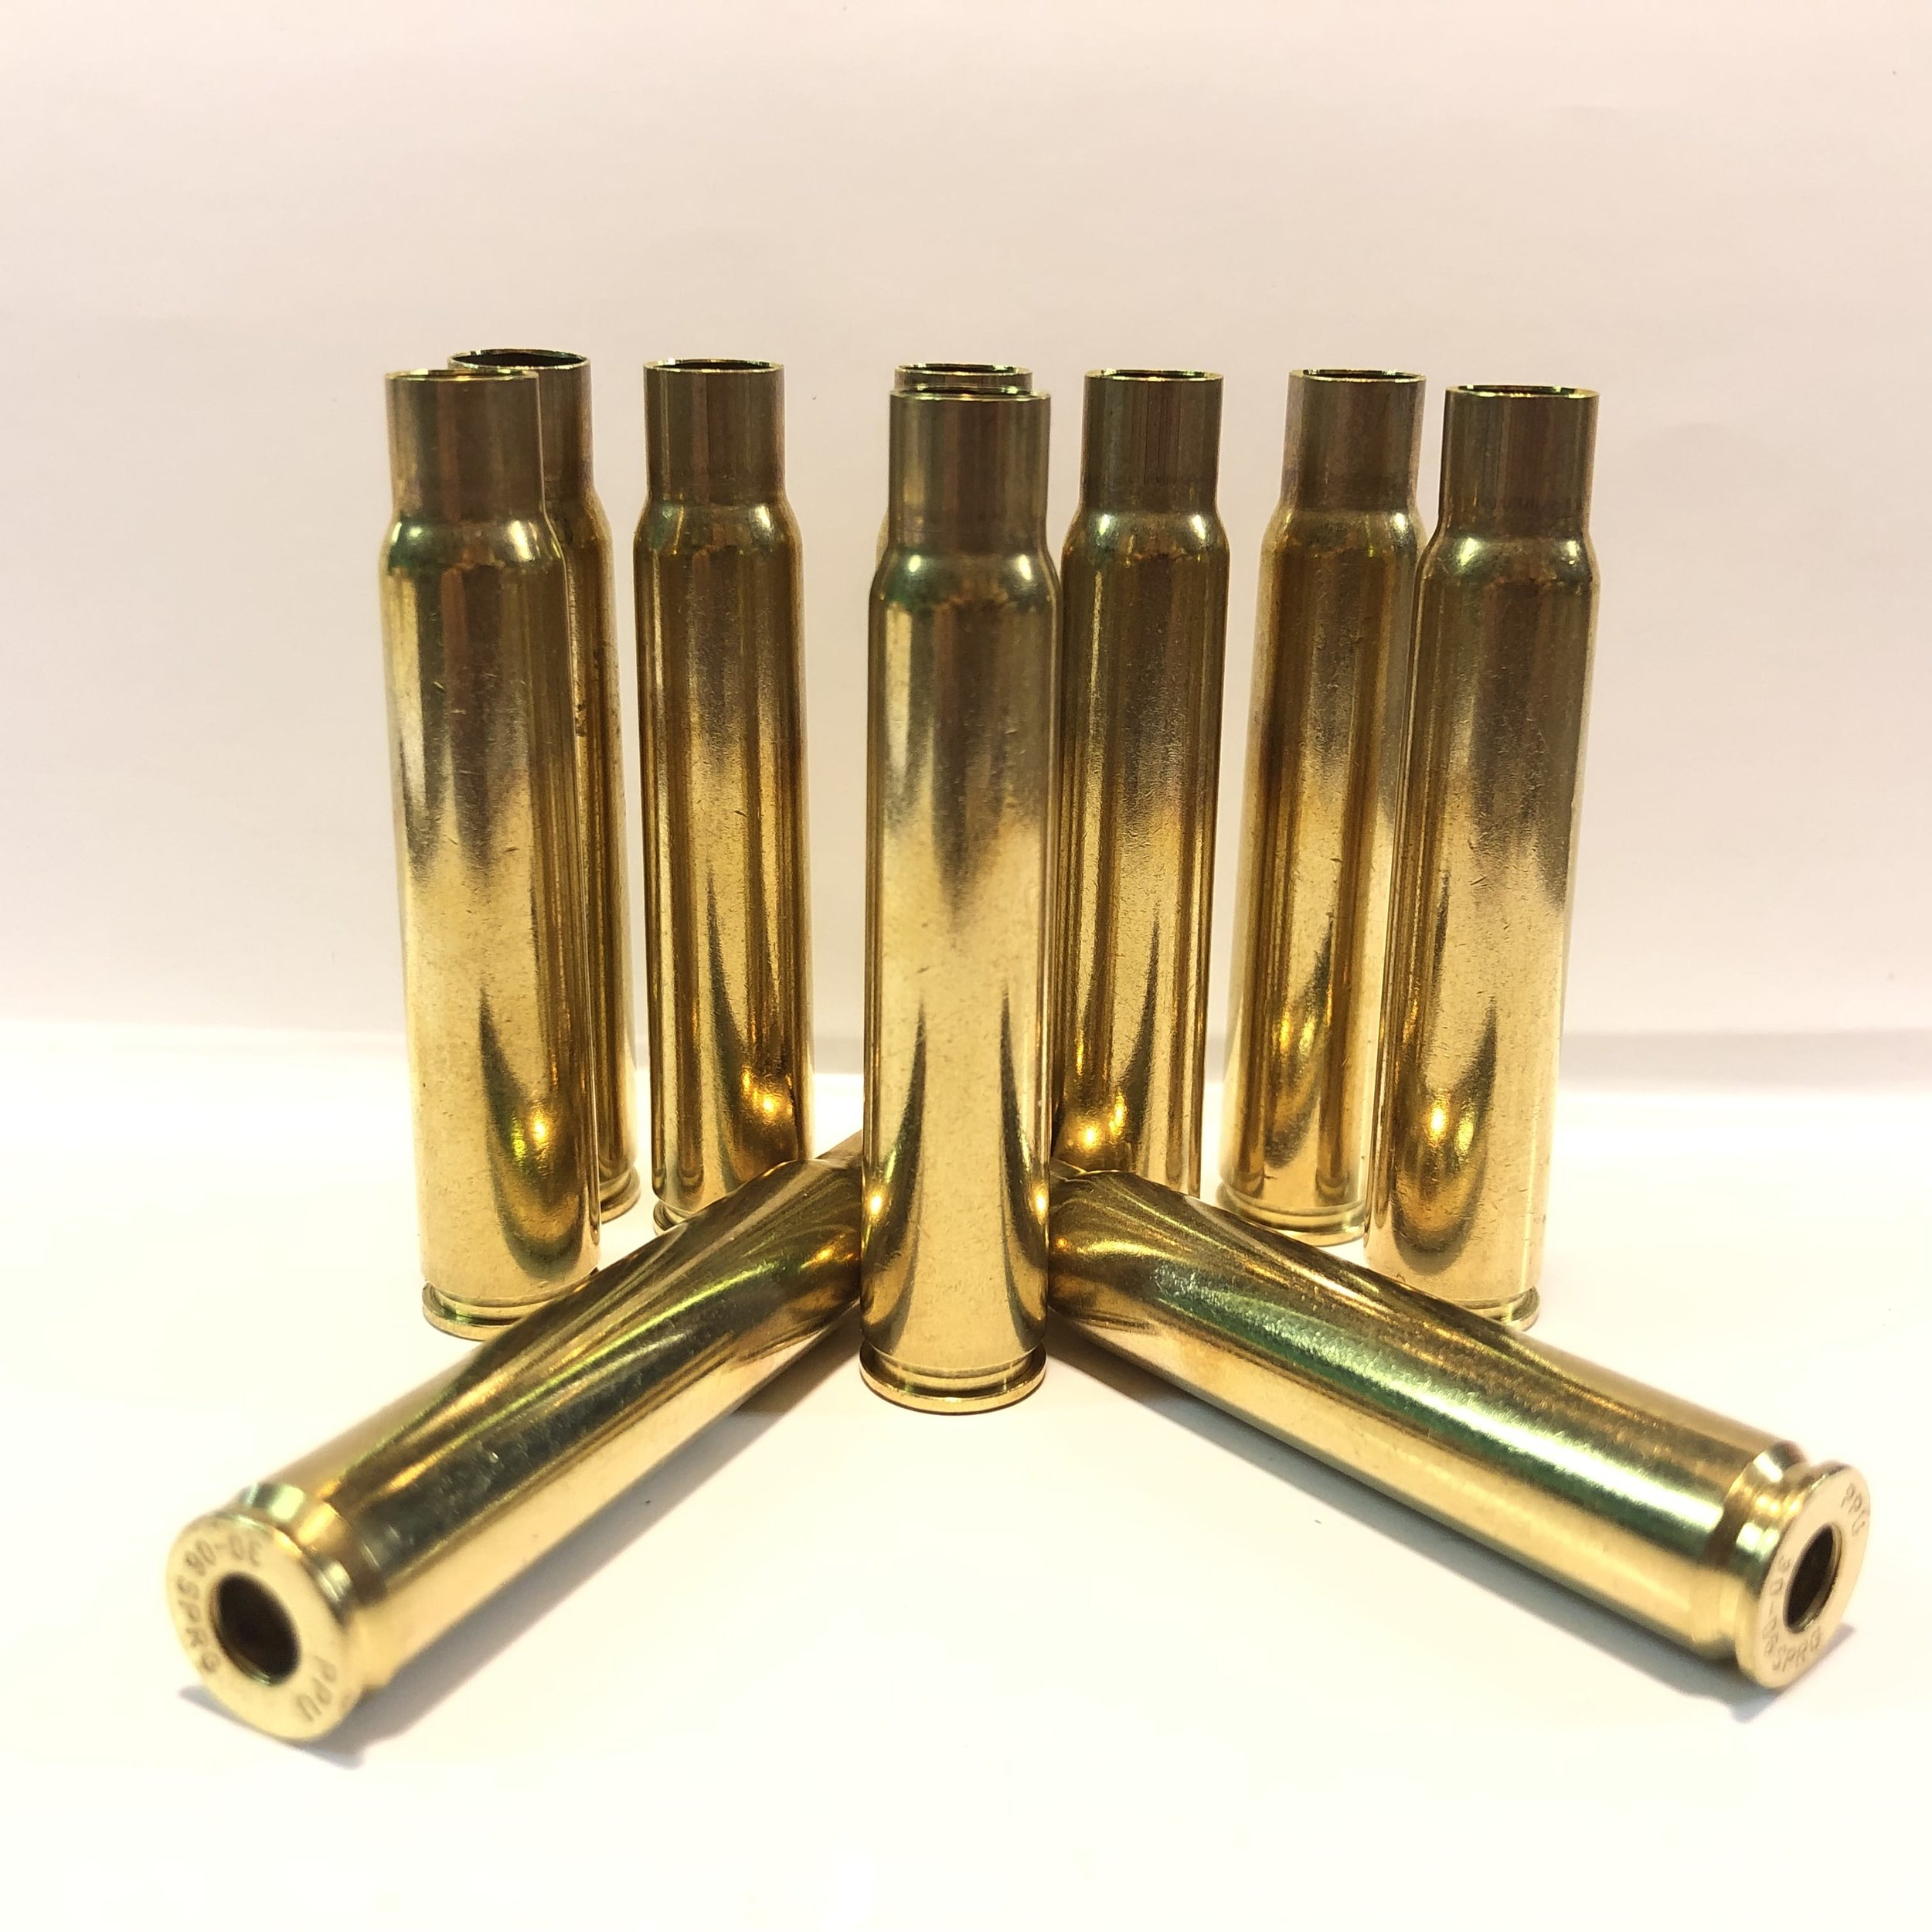 318 Westley Richard Ammunition Cases - AmmuntionArtifacts